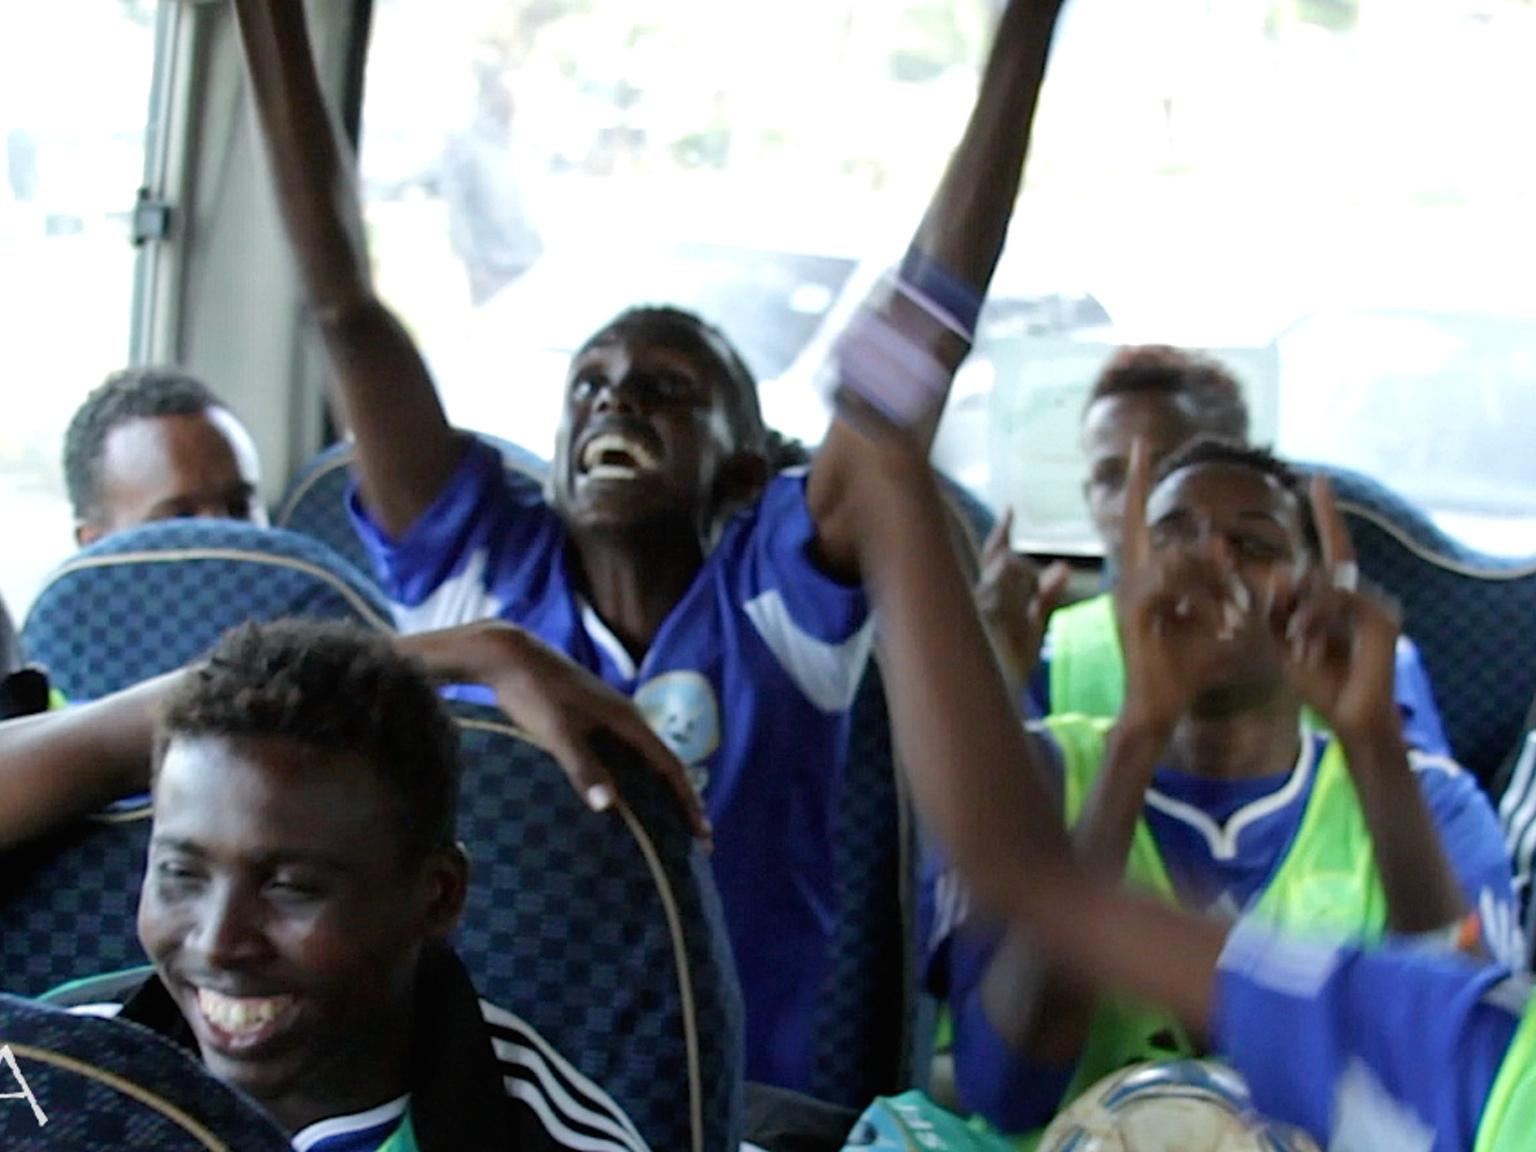 Jogadores da seleção comemoram o retorno aos jogos internacionais (Foto: Federação Somali/Divulgação)